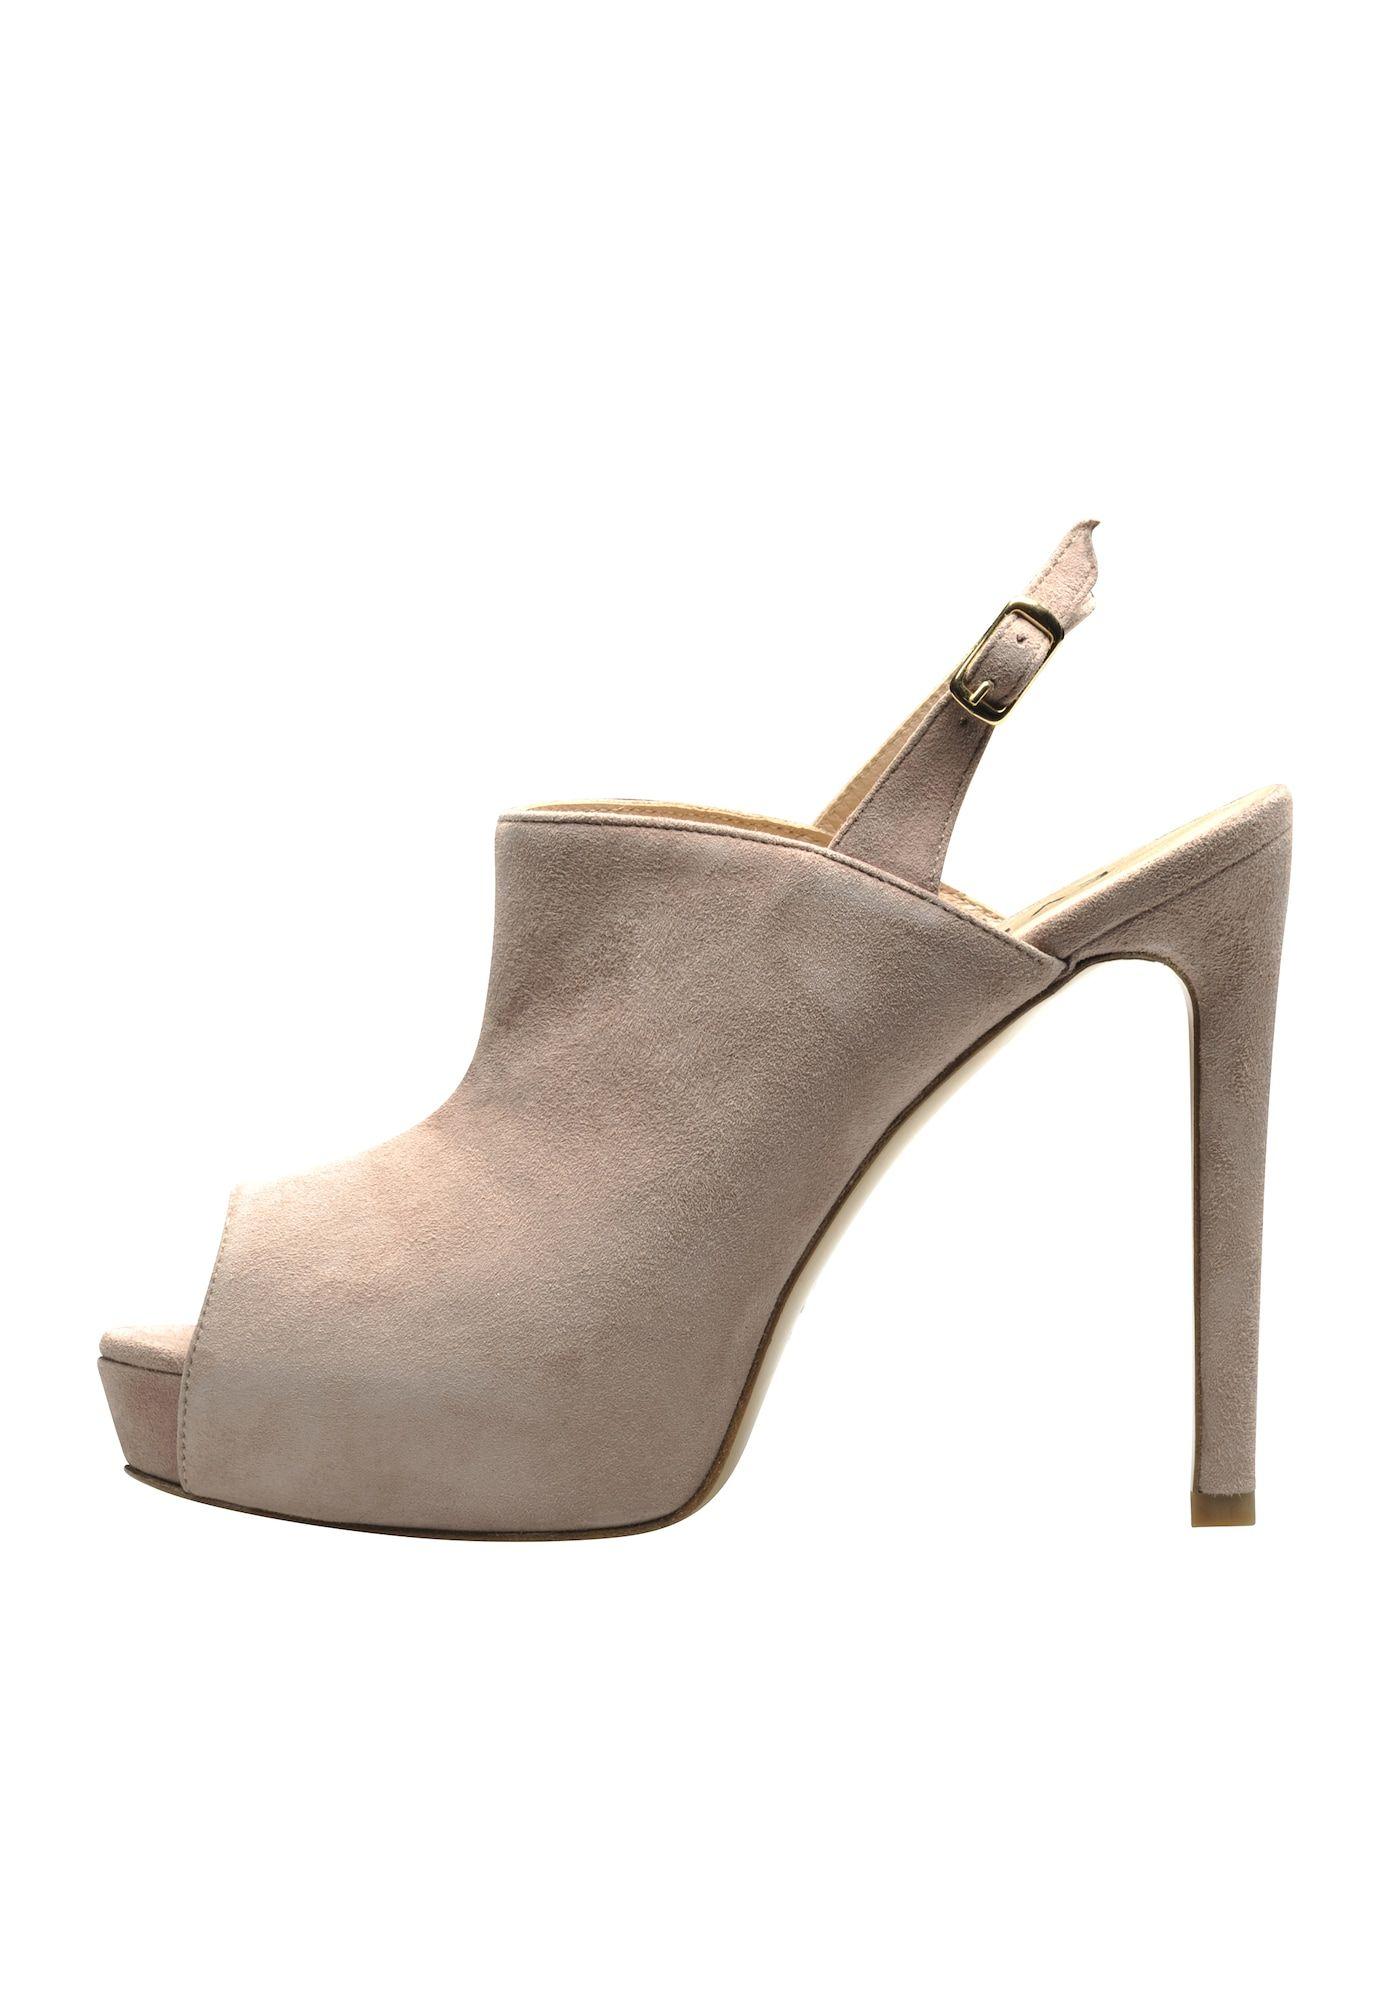 Evita Sandalette Damen Altrosa Grosse 36 Sandaletten Damen Ledersandalen Damenschuhe